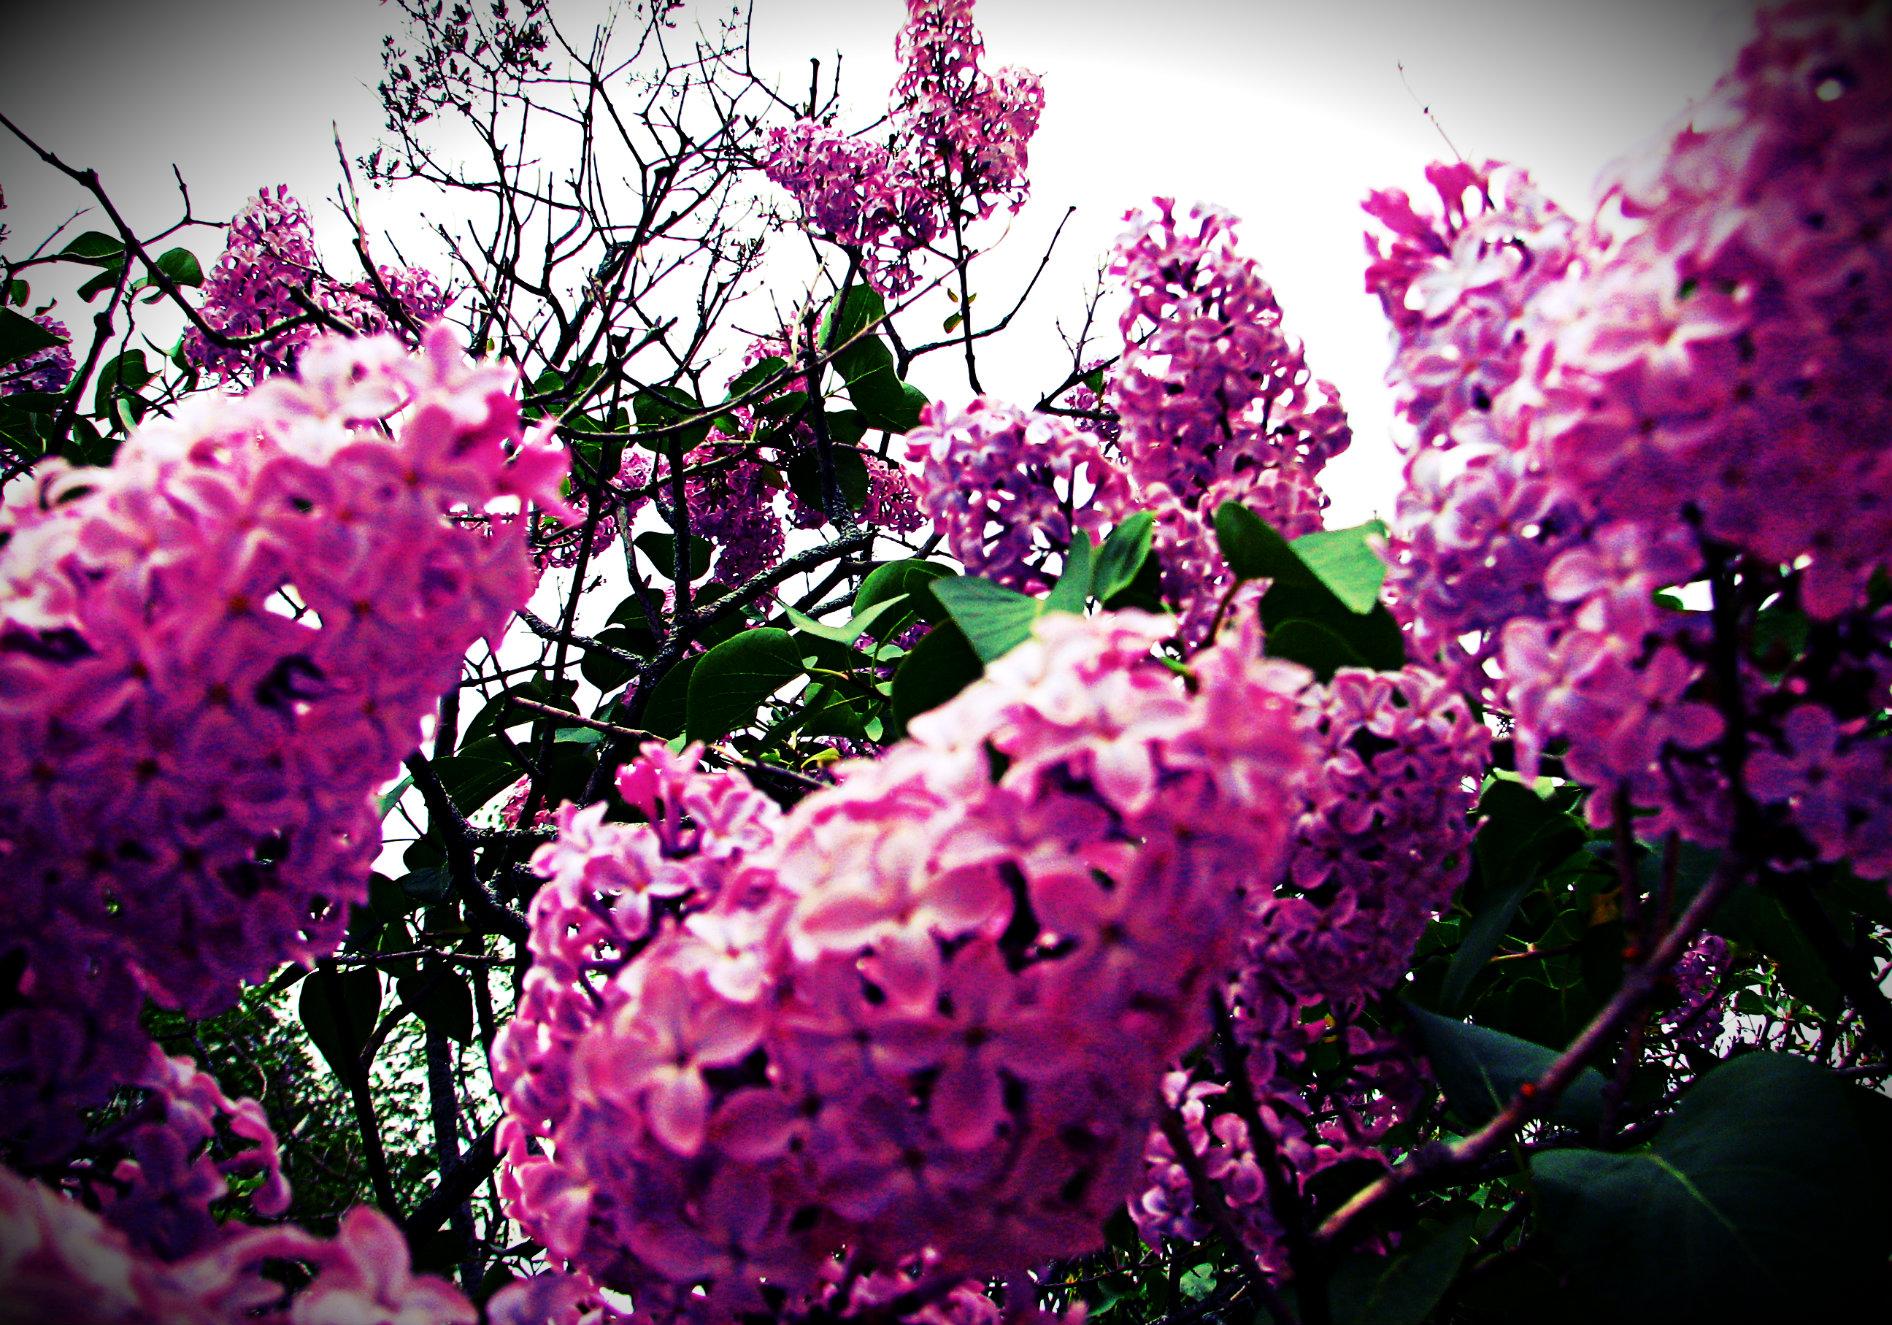 til the lilacs cease 4